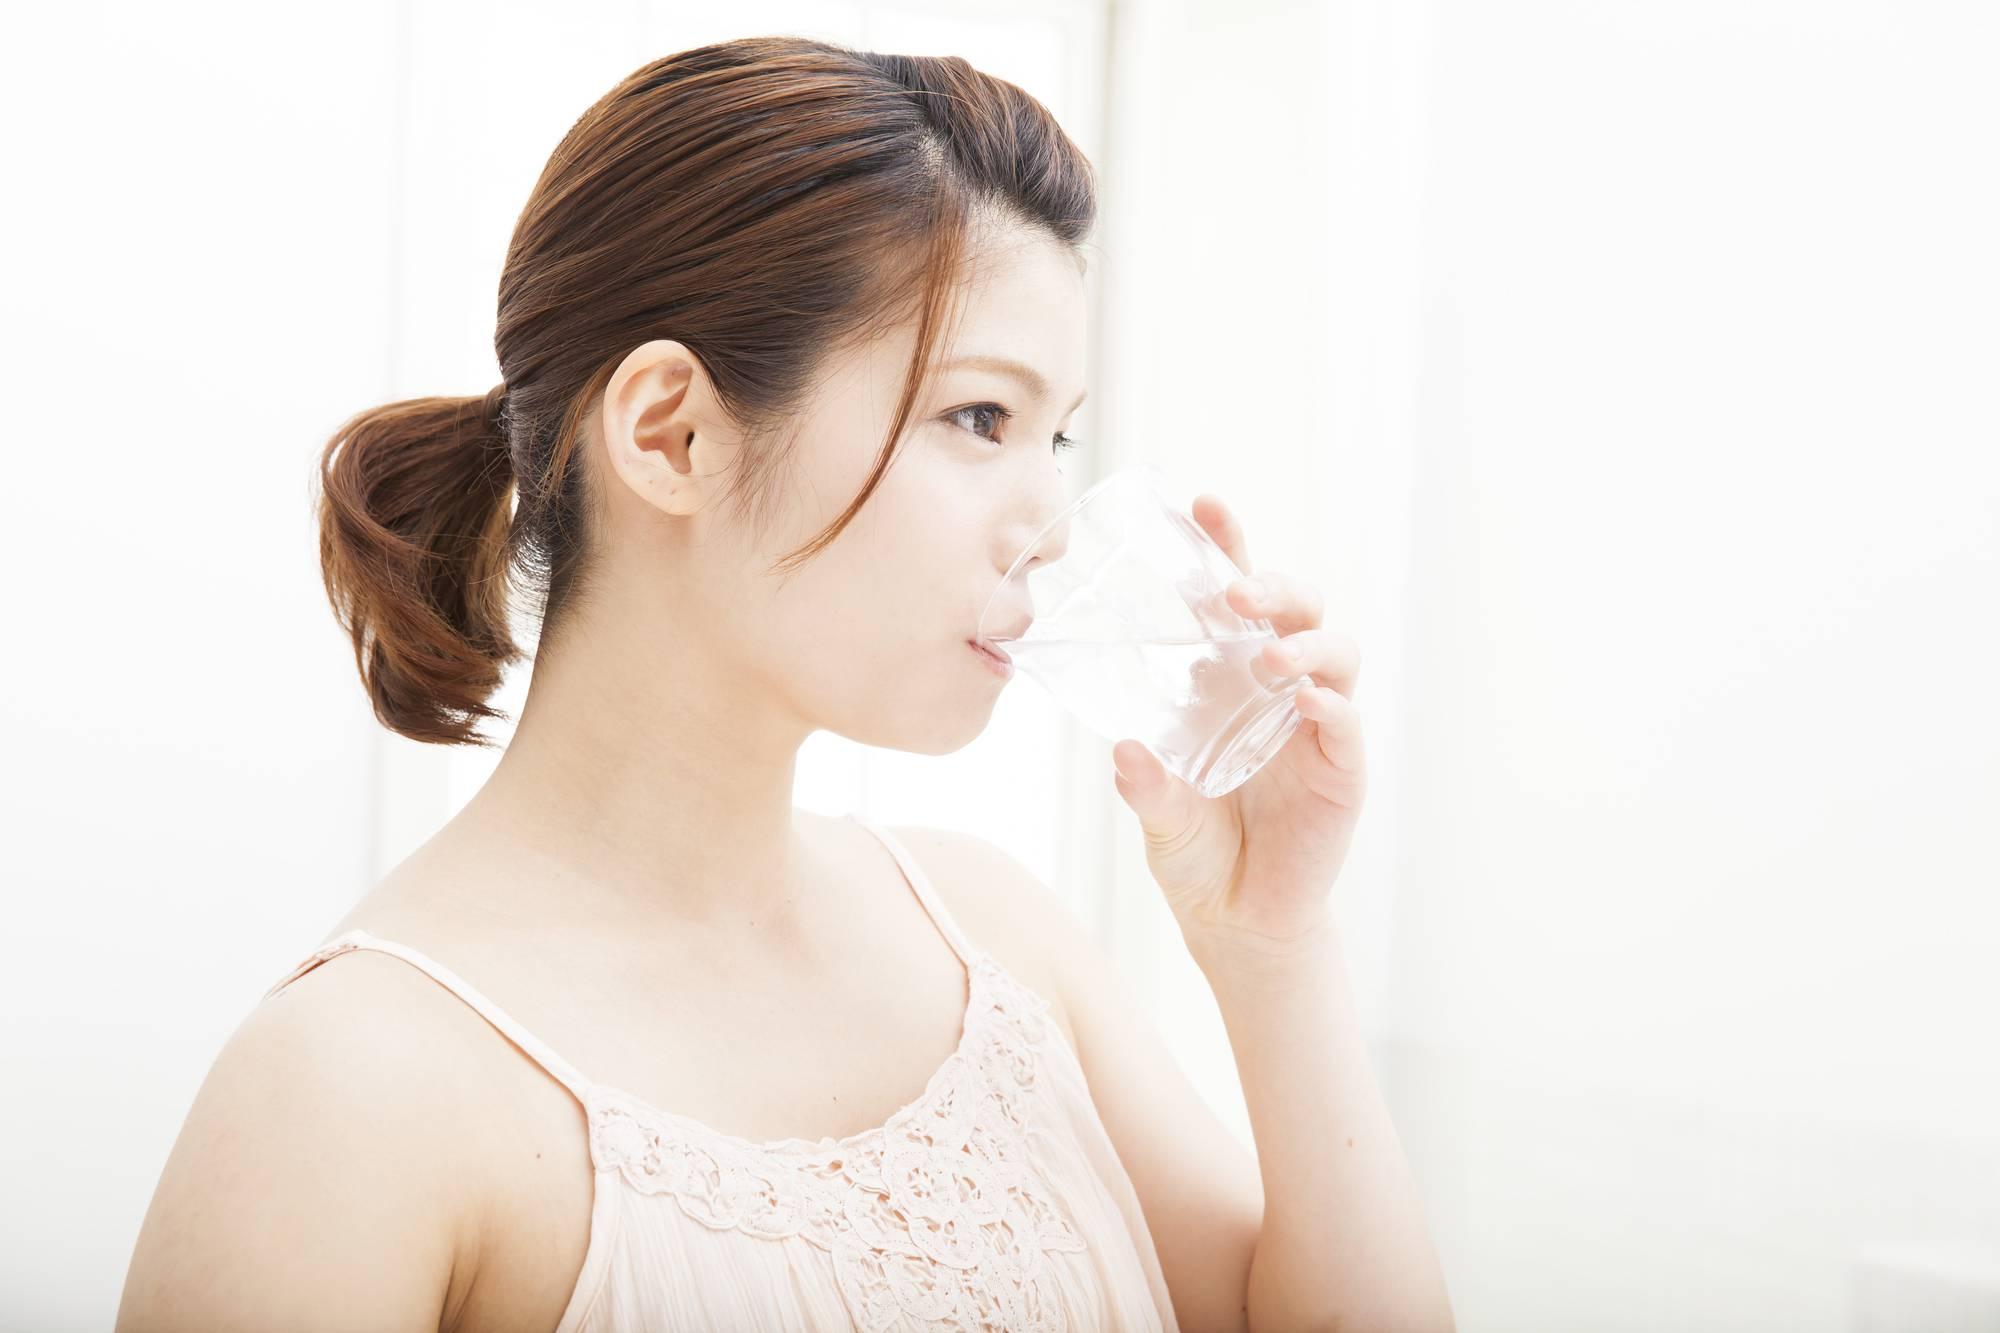 抗真菌作用のあるうがい薬でうがいをする女性